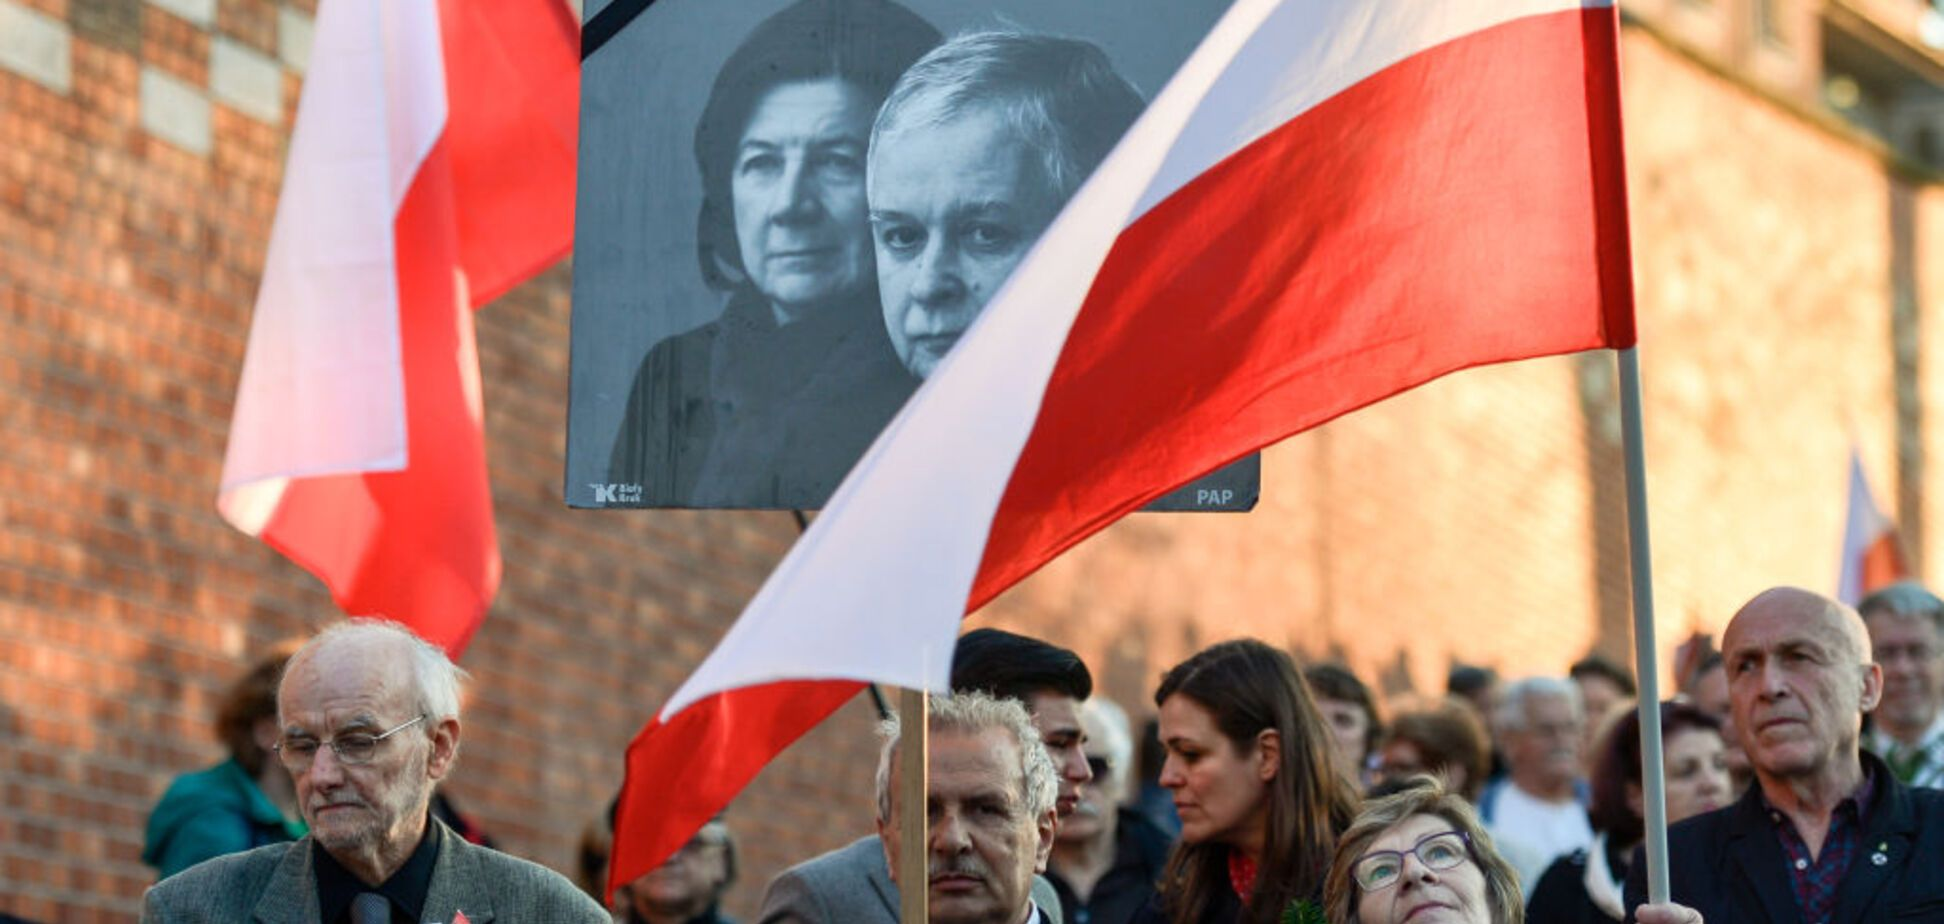 Загибель Качинського: слідство знайшло несподівані нові докази